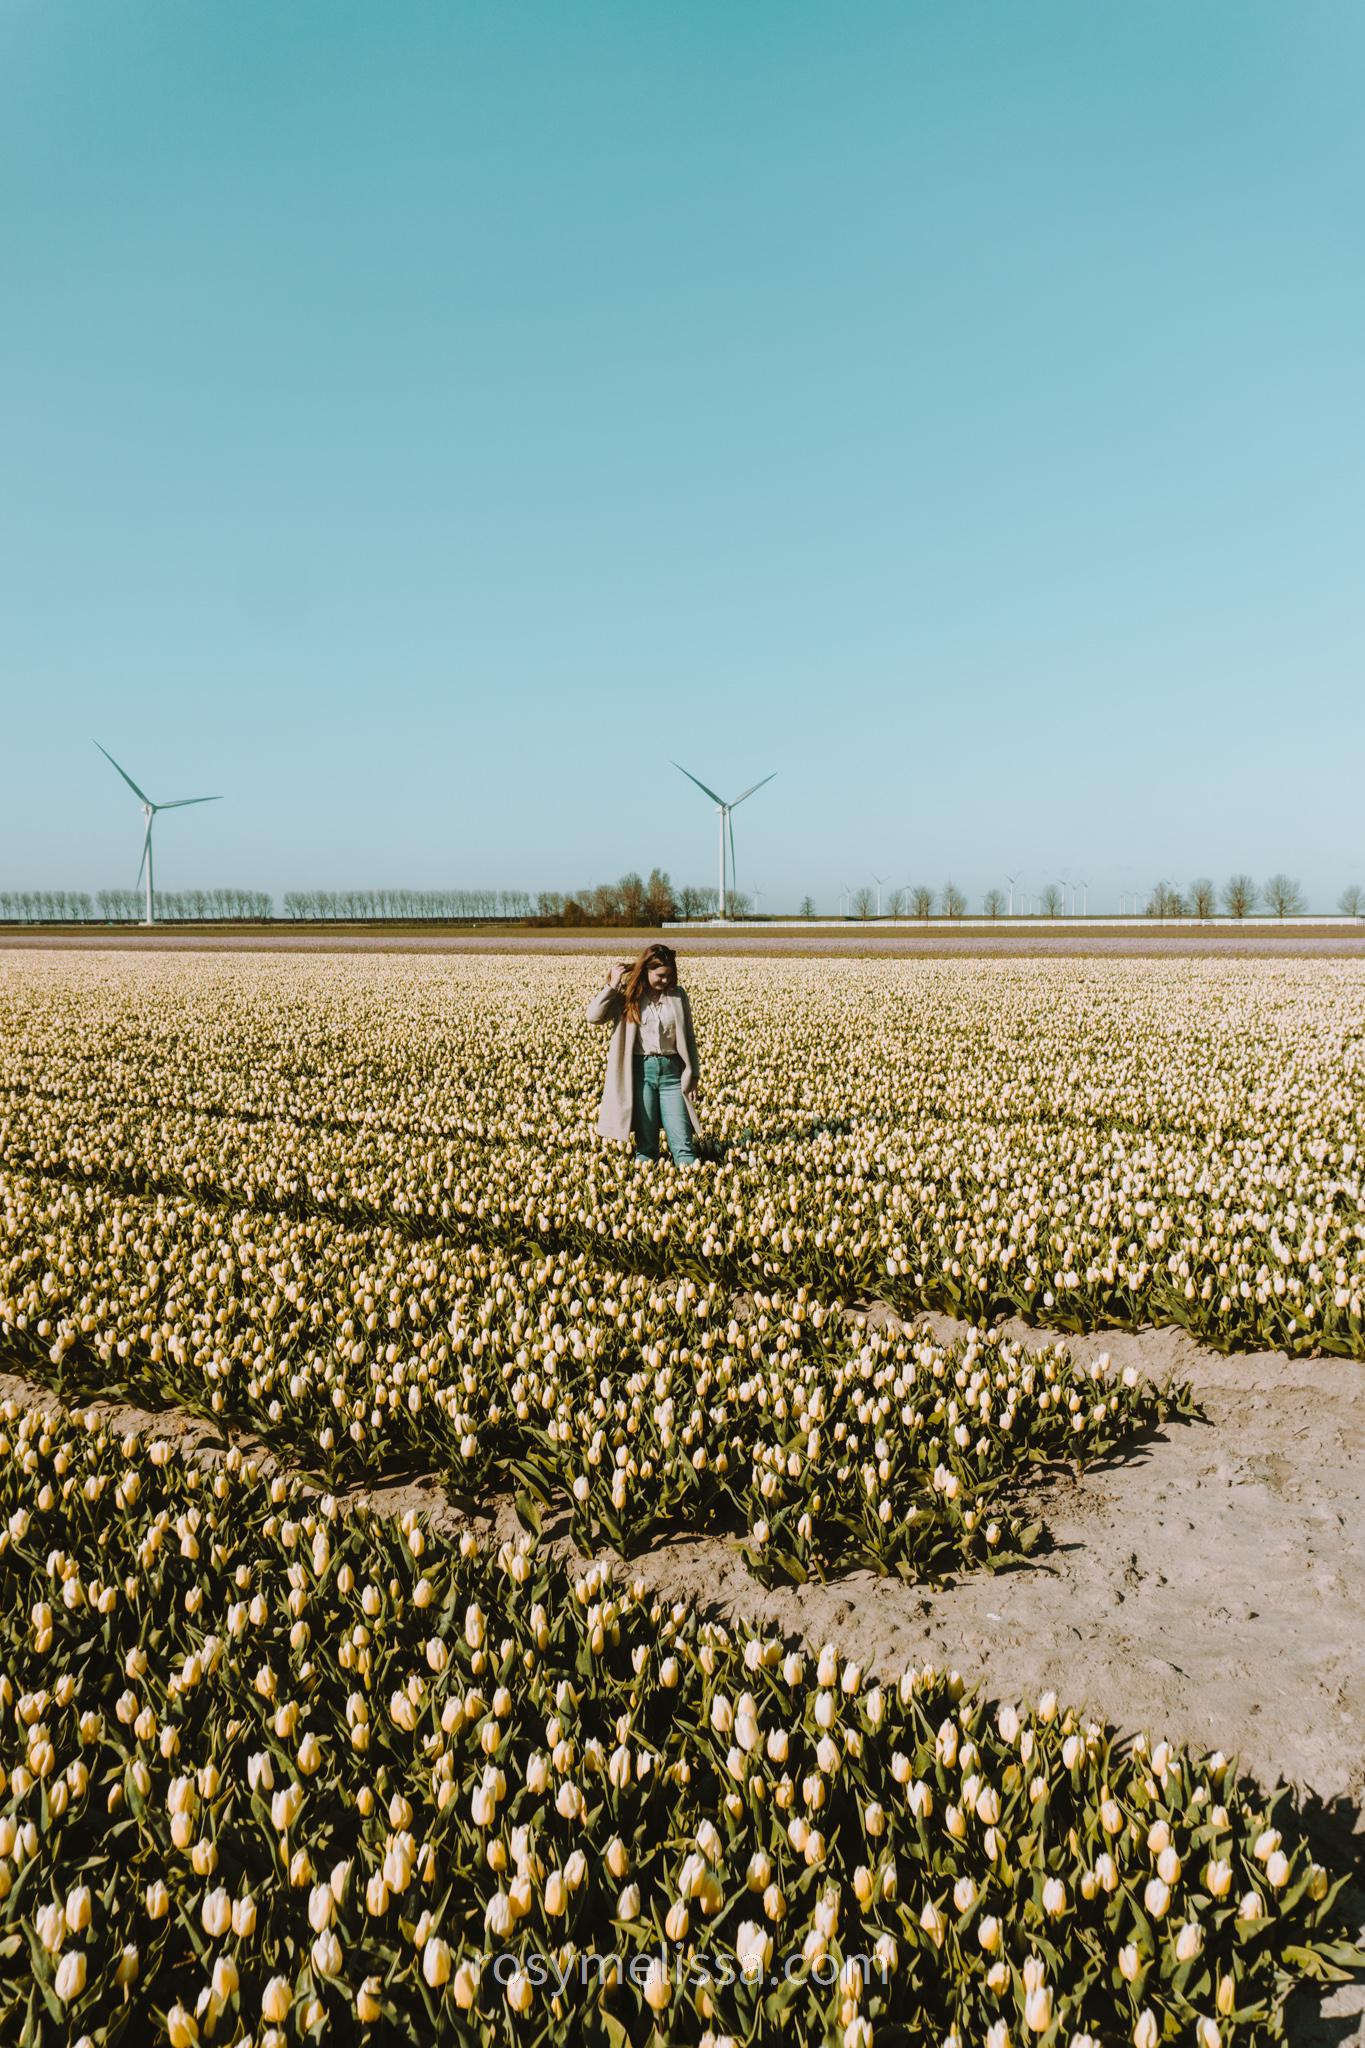 flower field, tulip field in the netherlands, yellow tulips